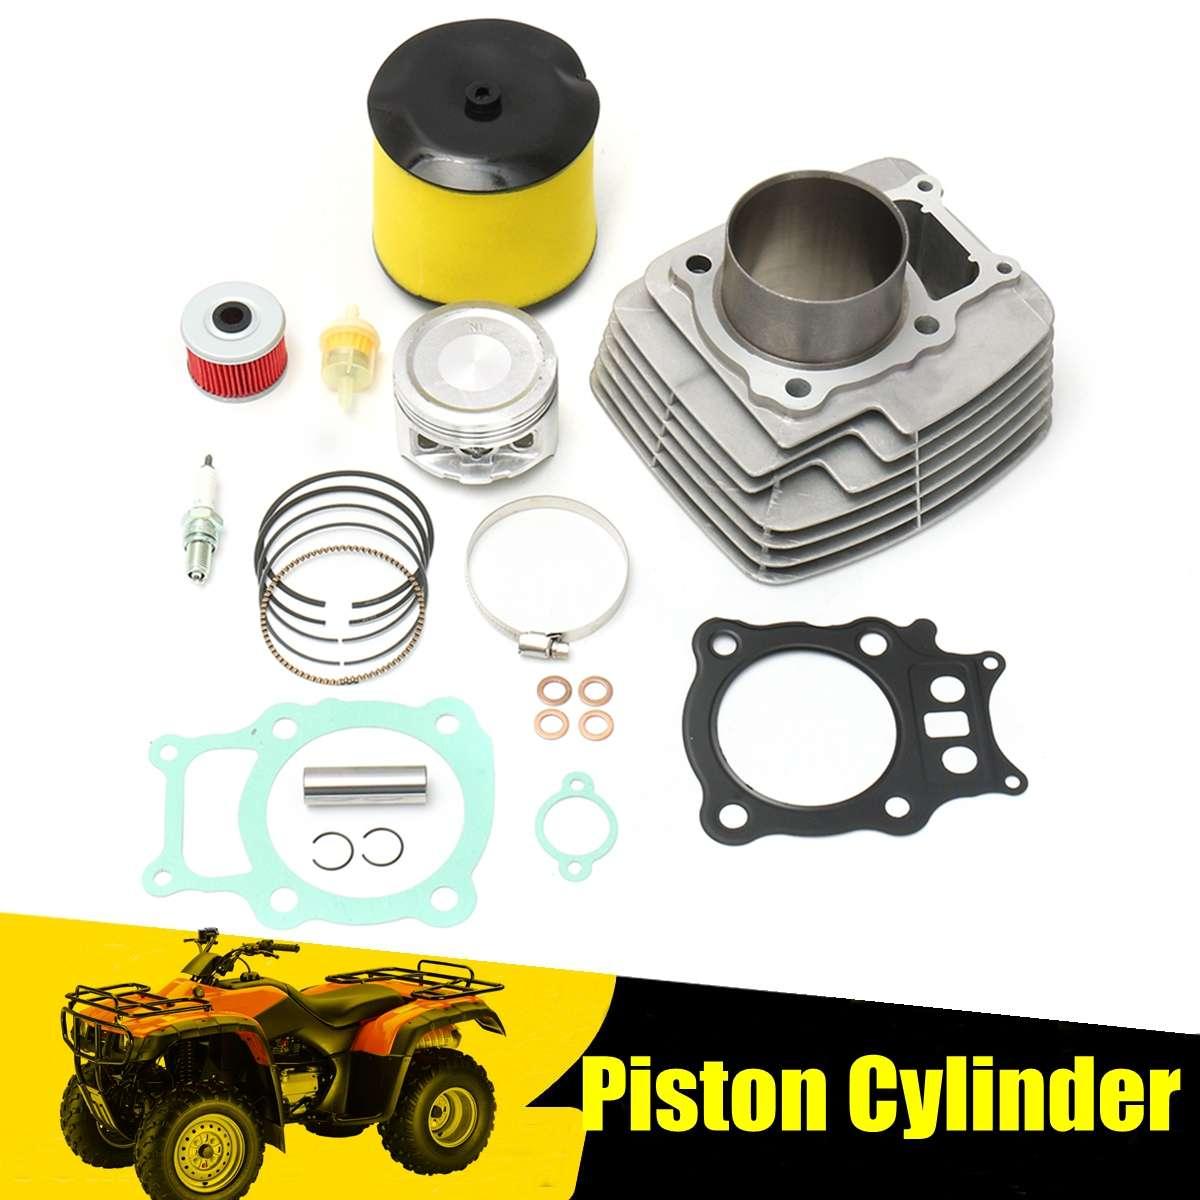 Cylinder Piston for Spark Plug Filter Gasket Rings For Honda Rancher TRX350 for TRX 350 2000 2006 12100 HN5 670